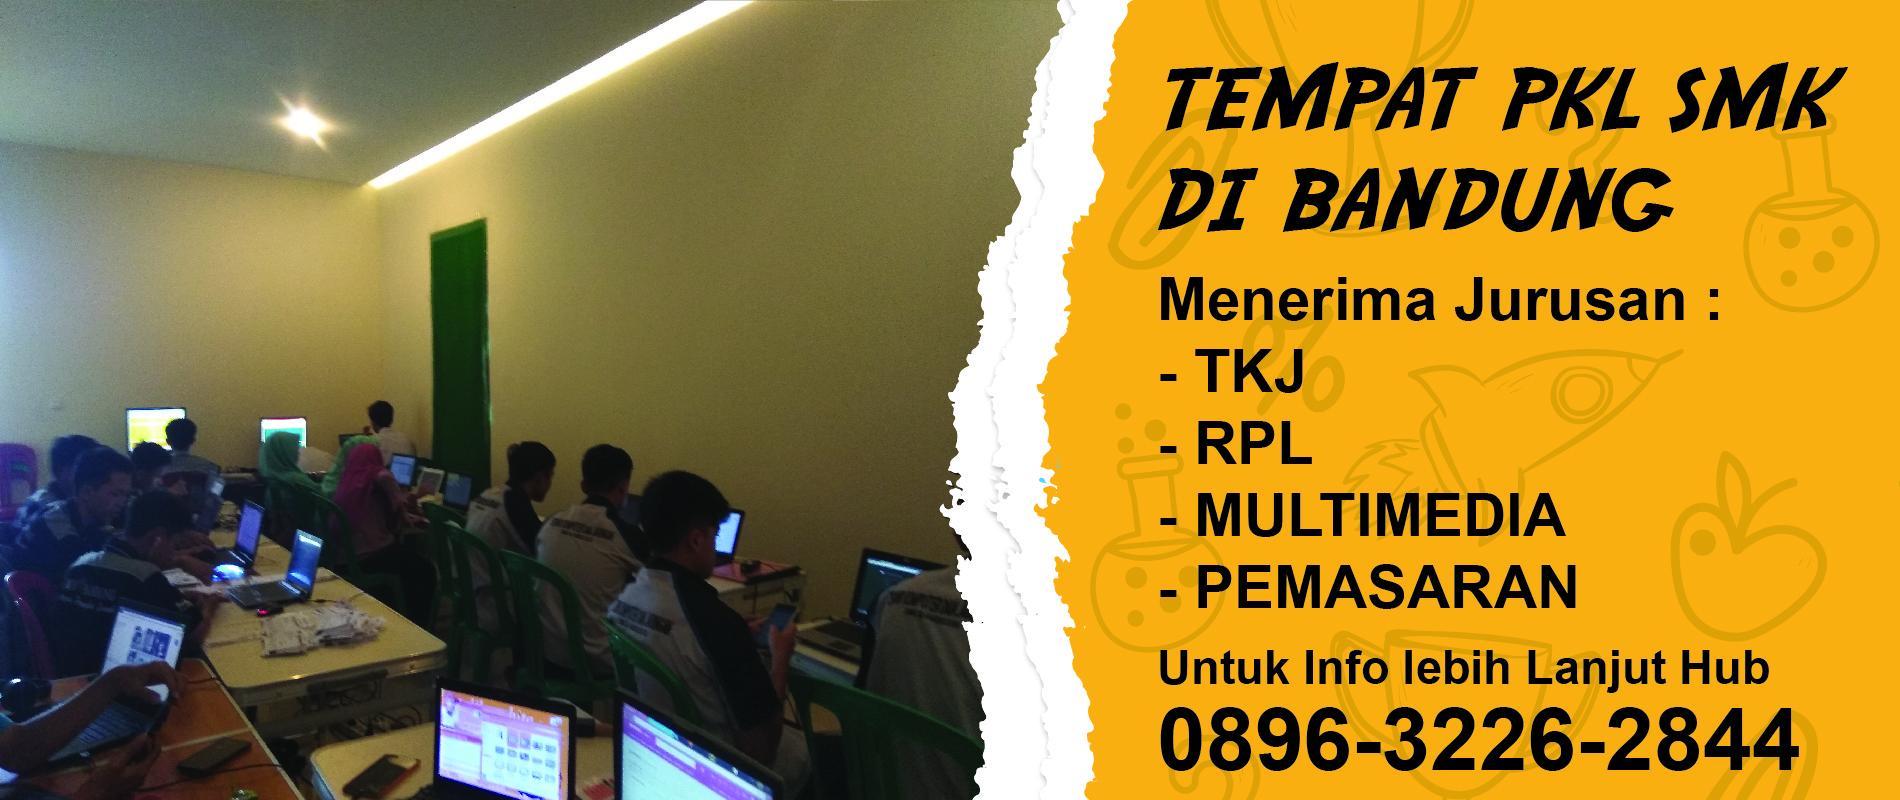 Tempat Prakerin Bandung - 0896-3226-2844